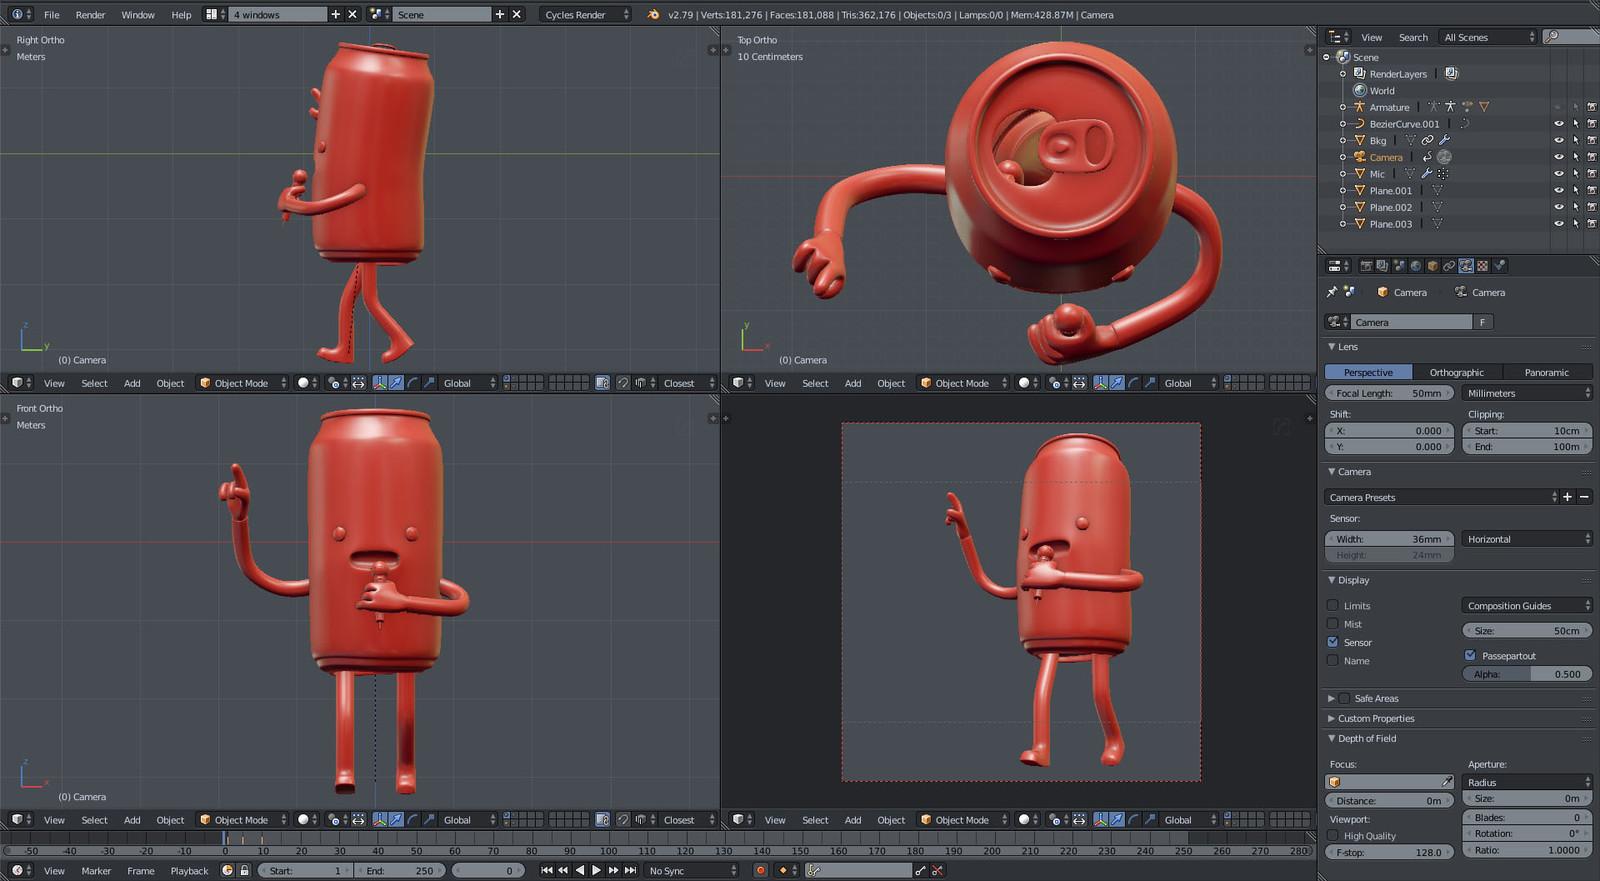 Spitting can; DA BOMB - screenshot 01